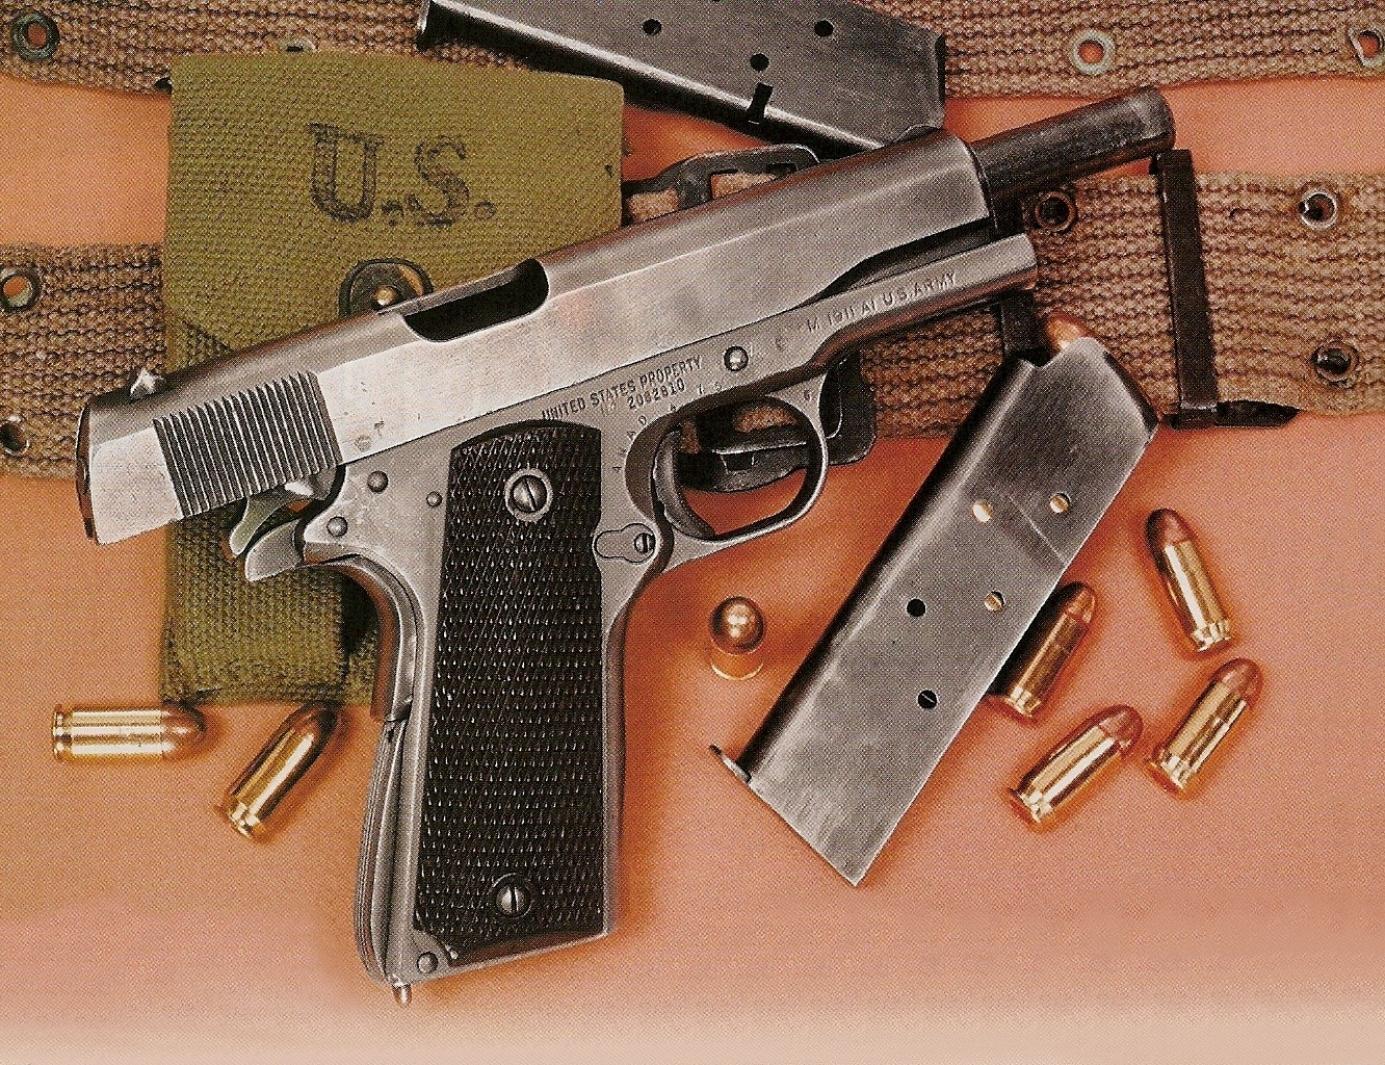 Le fait qu'il s'agisse d'une fabrication de guerre ne se répercute nullement sur le soin apporté par la firme Remington à la réalisation de ce pistolet réglementaire, ni sur la qualité des aciers employés qui reste excellente.